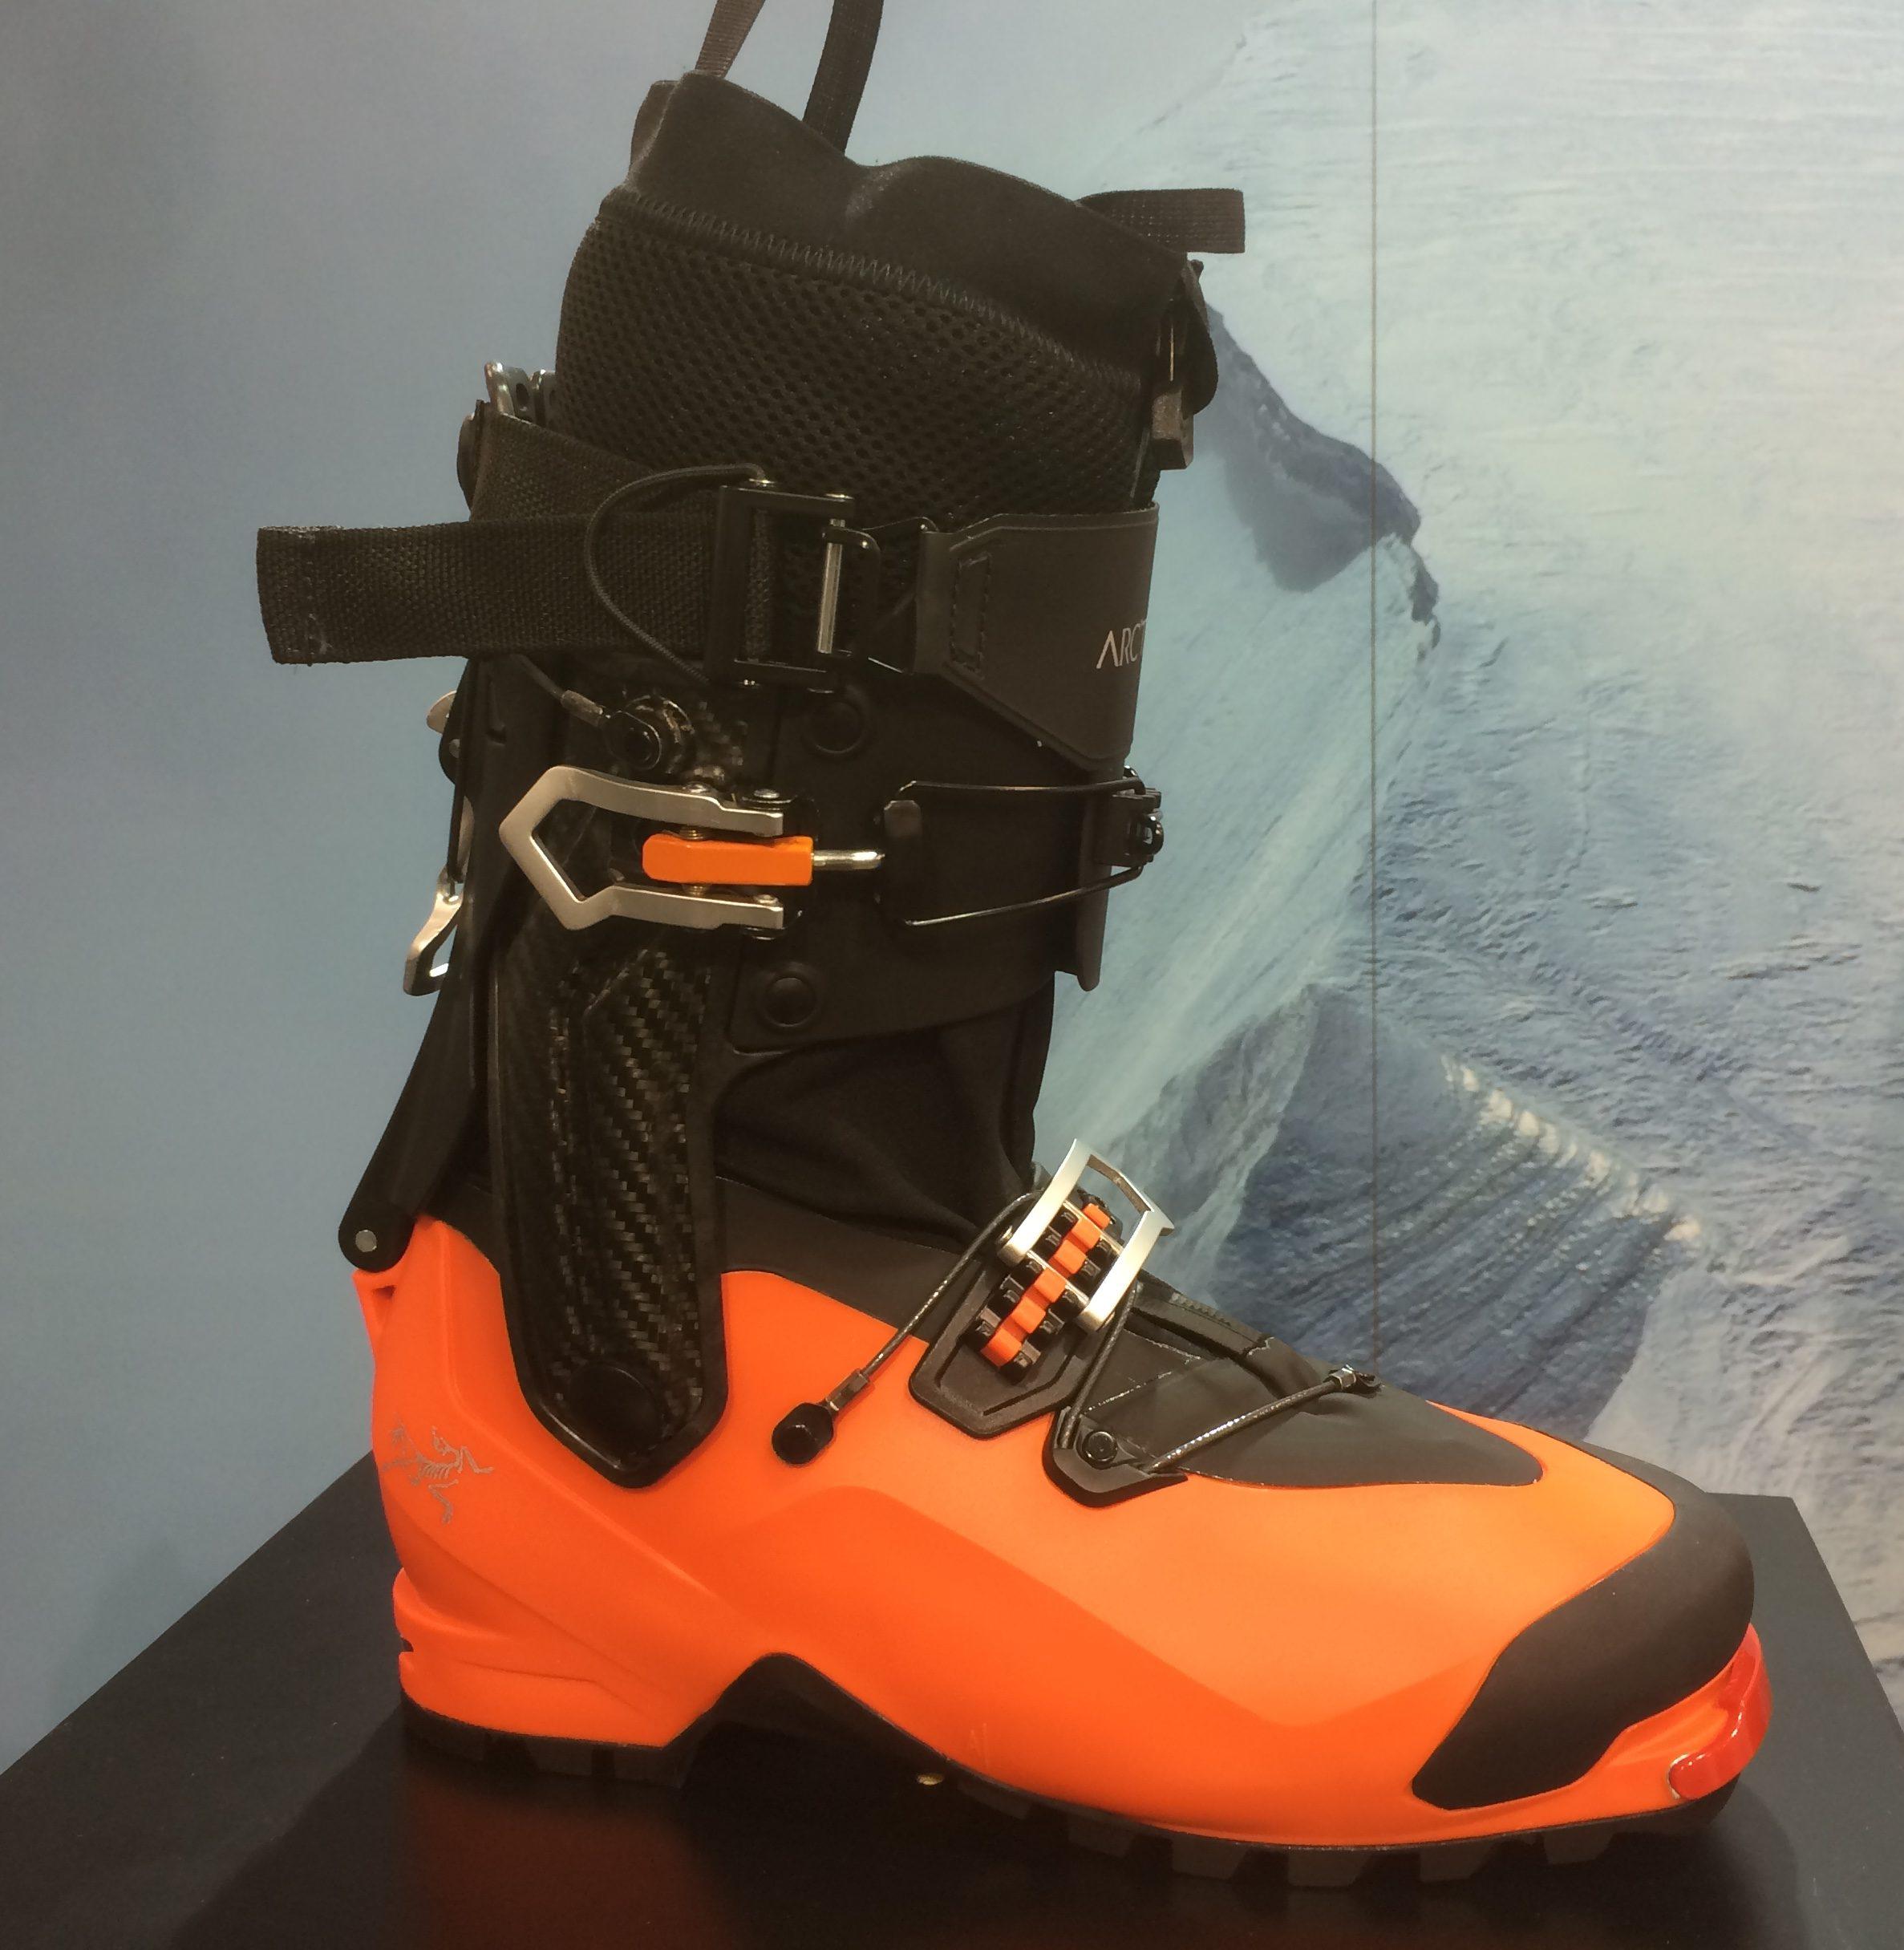 Arc'teryx Procline Ski Boot review by